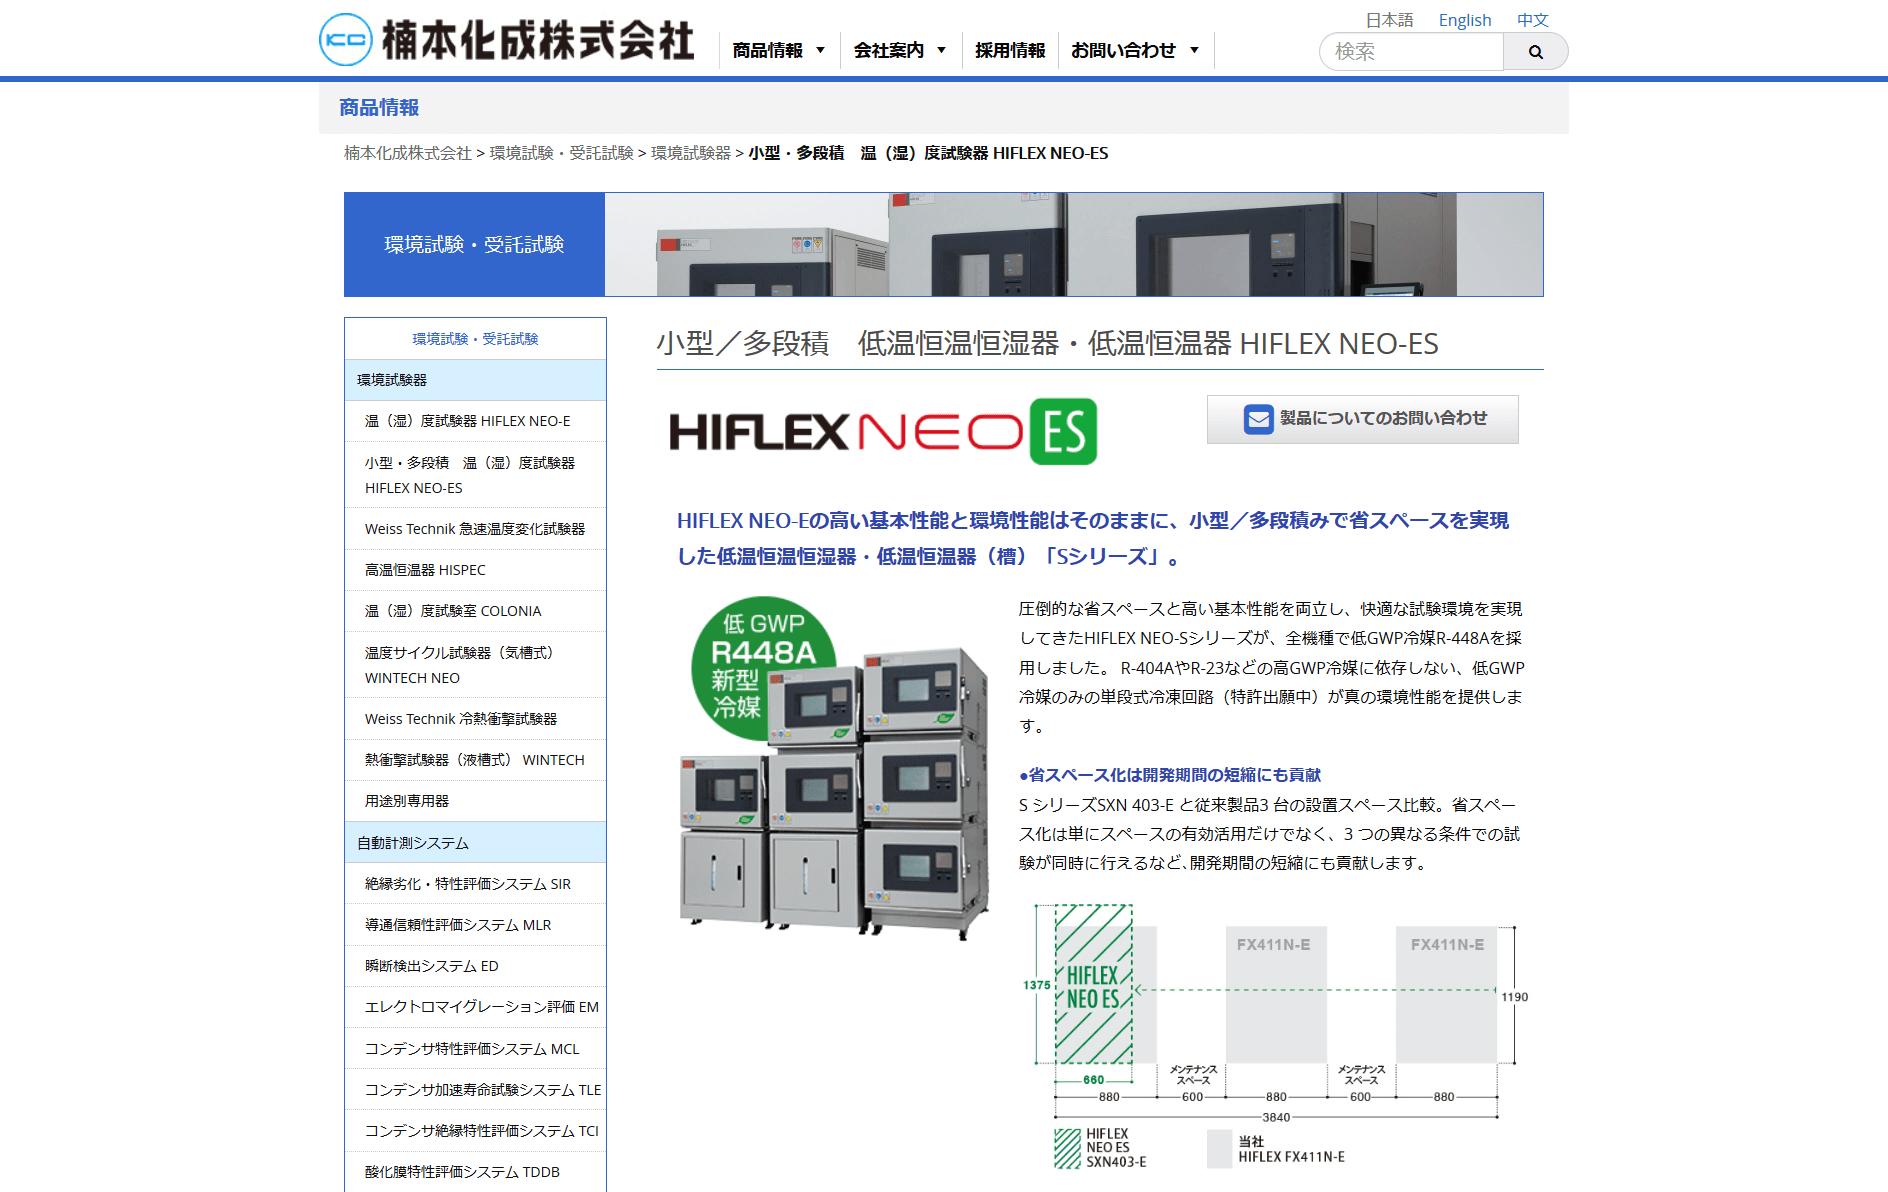 小型/多段積 低温恒温恒湿器・低温恒温器 HIFLEX NEO-ES